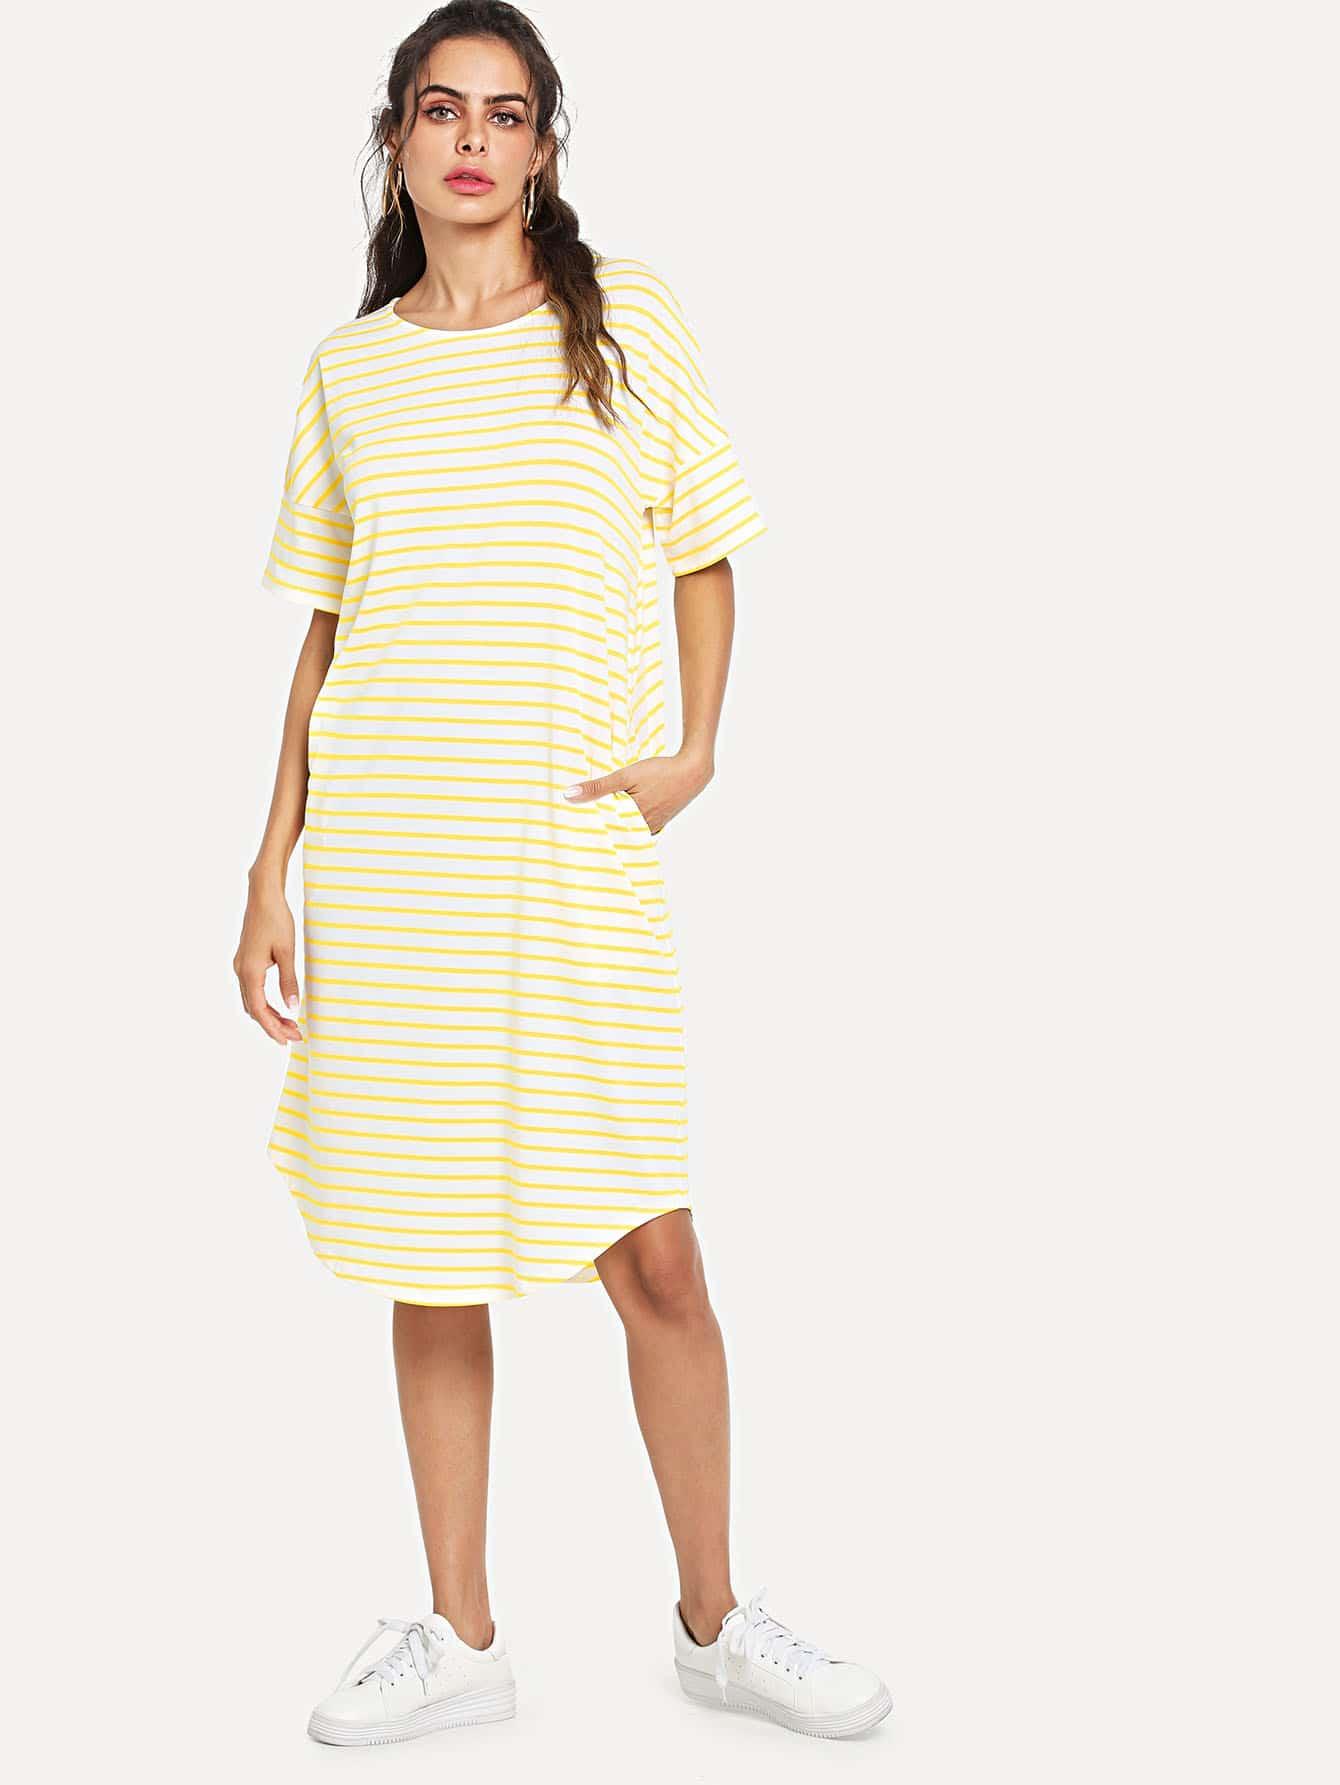 Drop Shoulder Pocket Side Striped Curved Hem Dress pocket front curved hem wrap trench dress